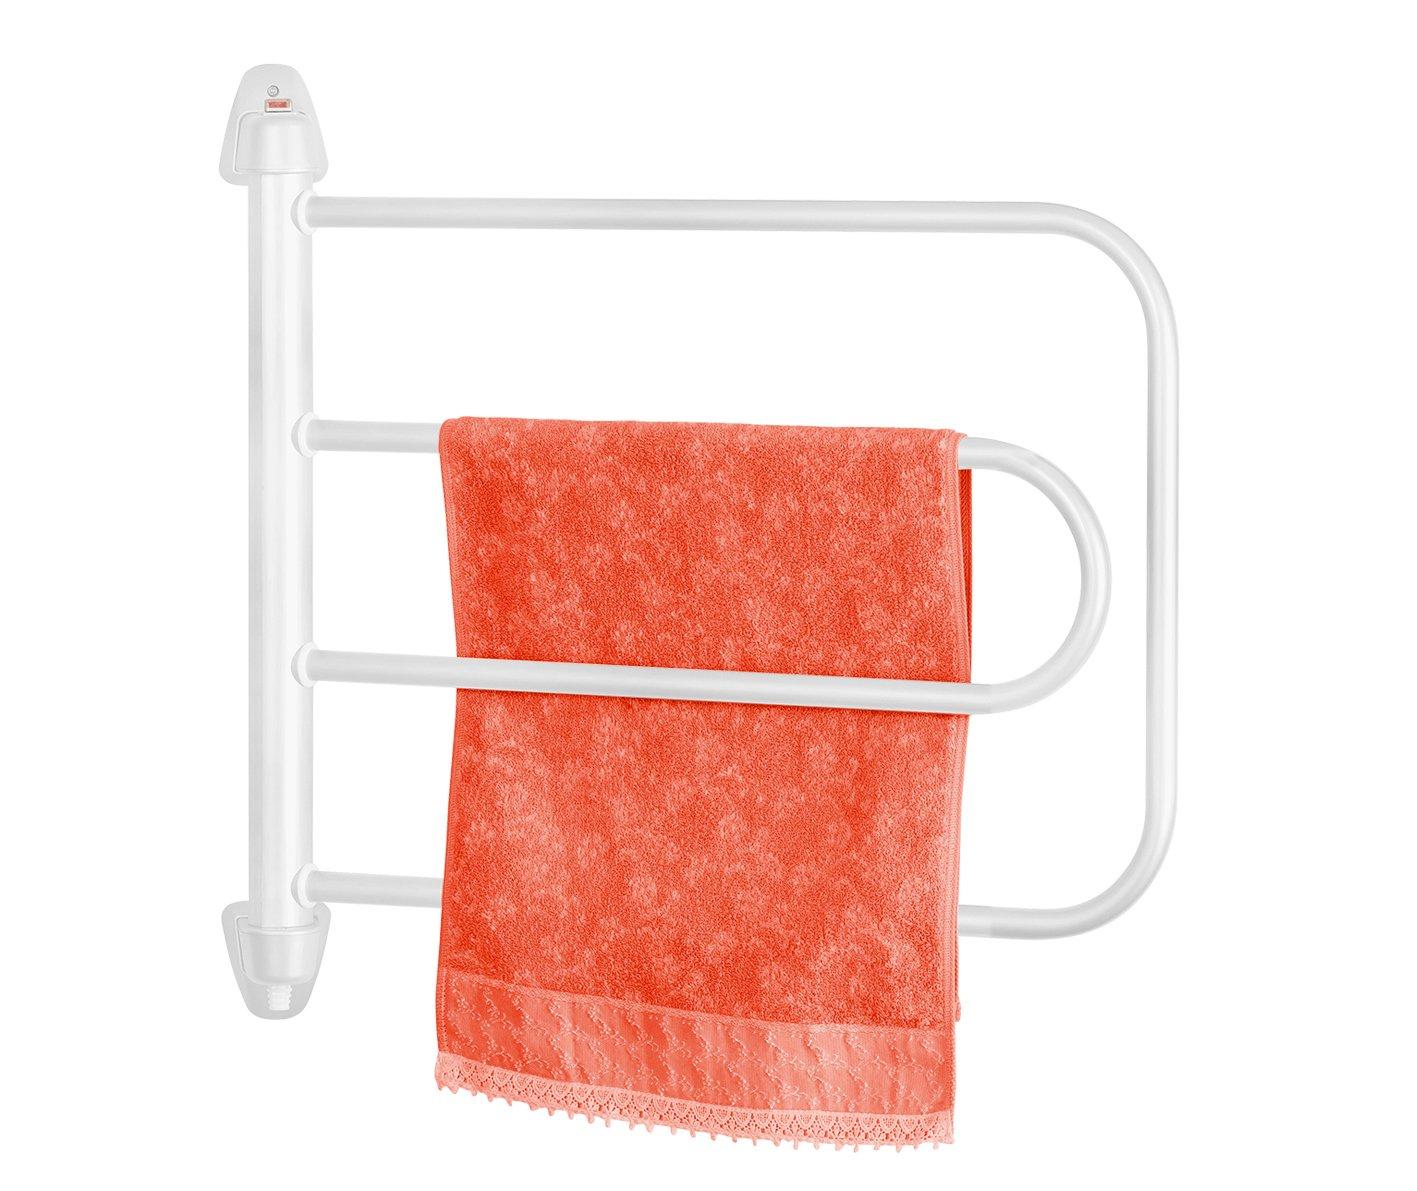 Orbegozo TH 8000 - Toallero de baño eléctrico, 95 W de potencia, color blanco: Amazon.es: Hogar